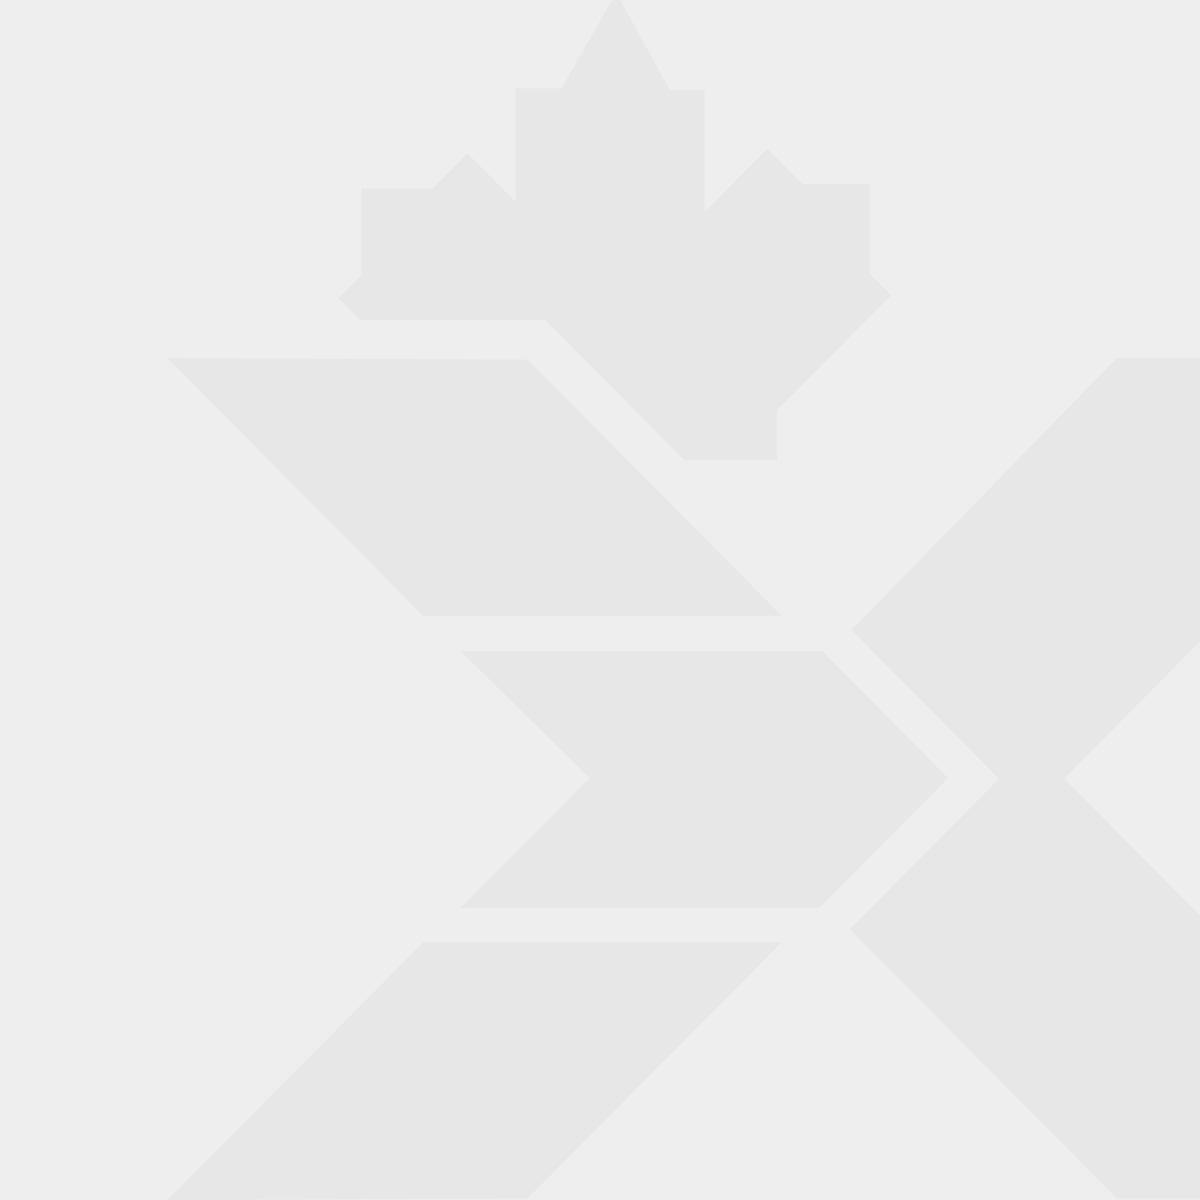 Épingle commémorative – Monument commémoratif de guerre du Canada